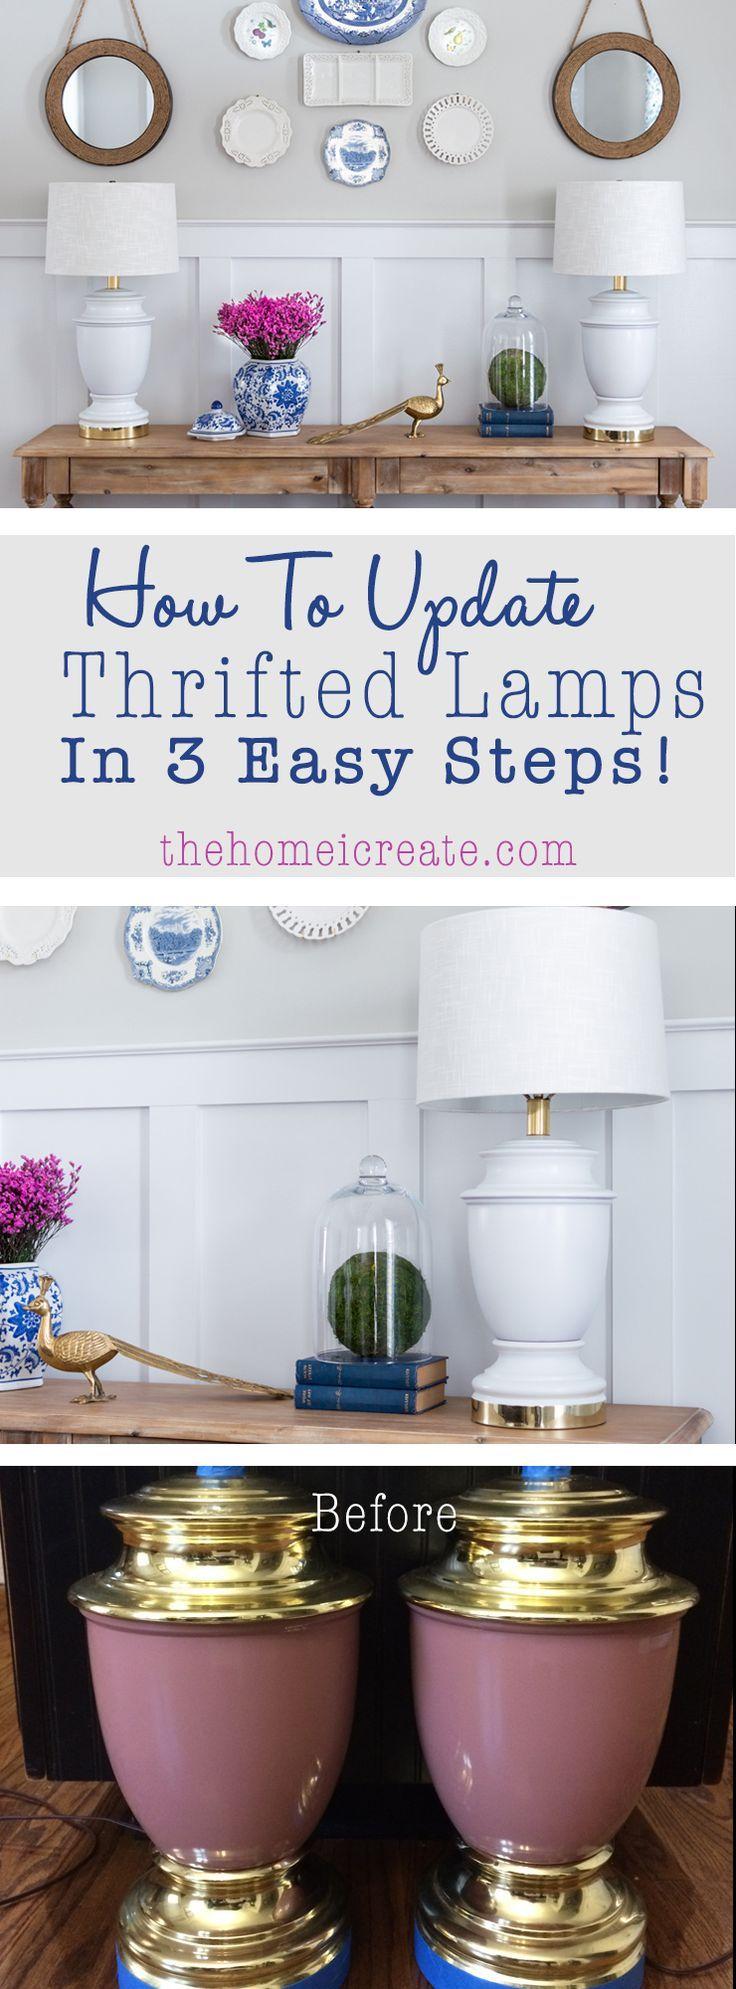 Elegant Bright Steps Furniture Website